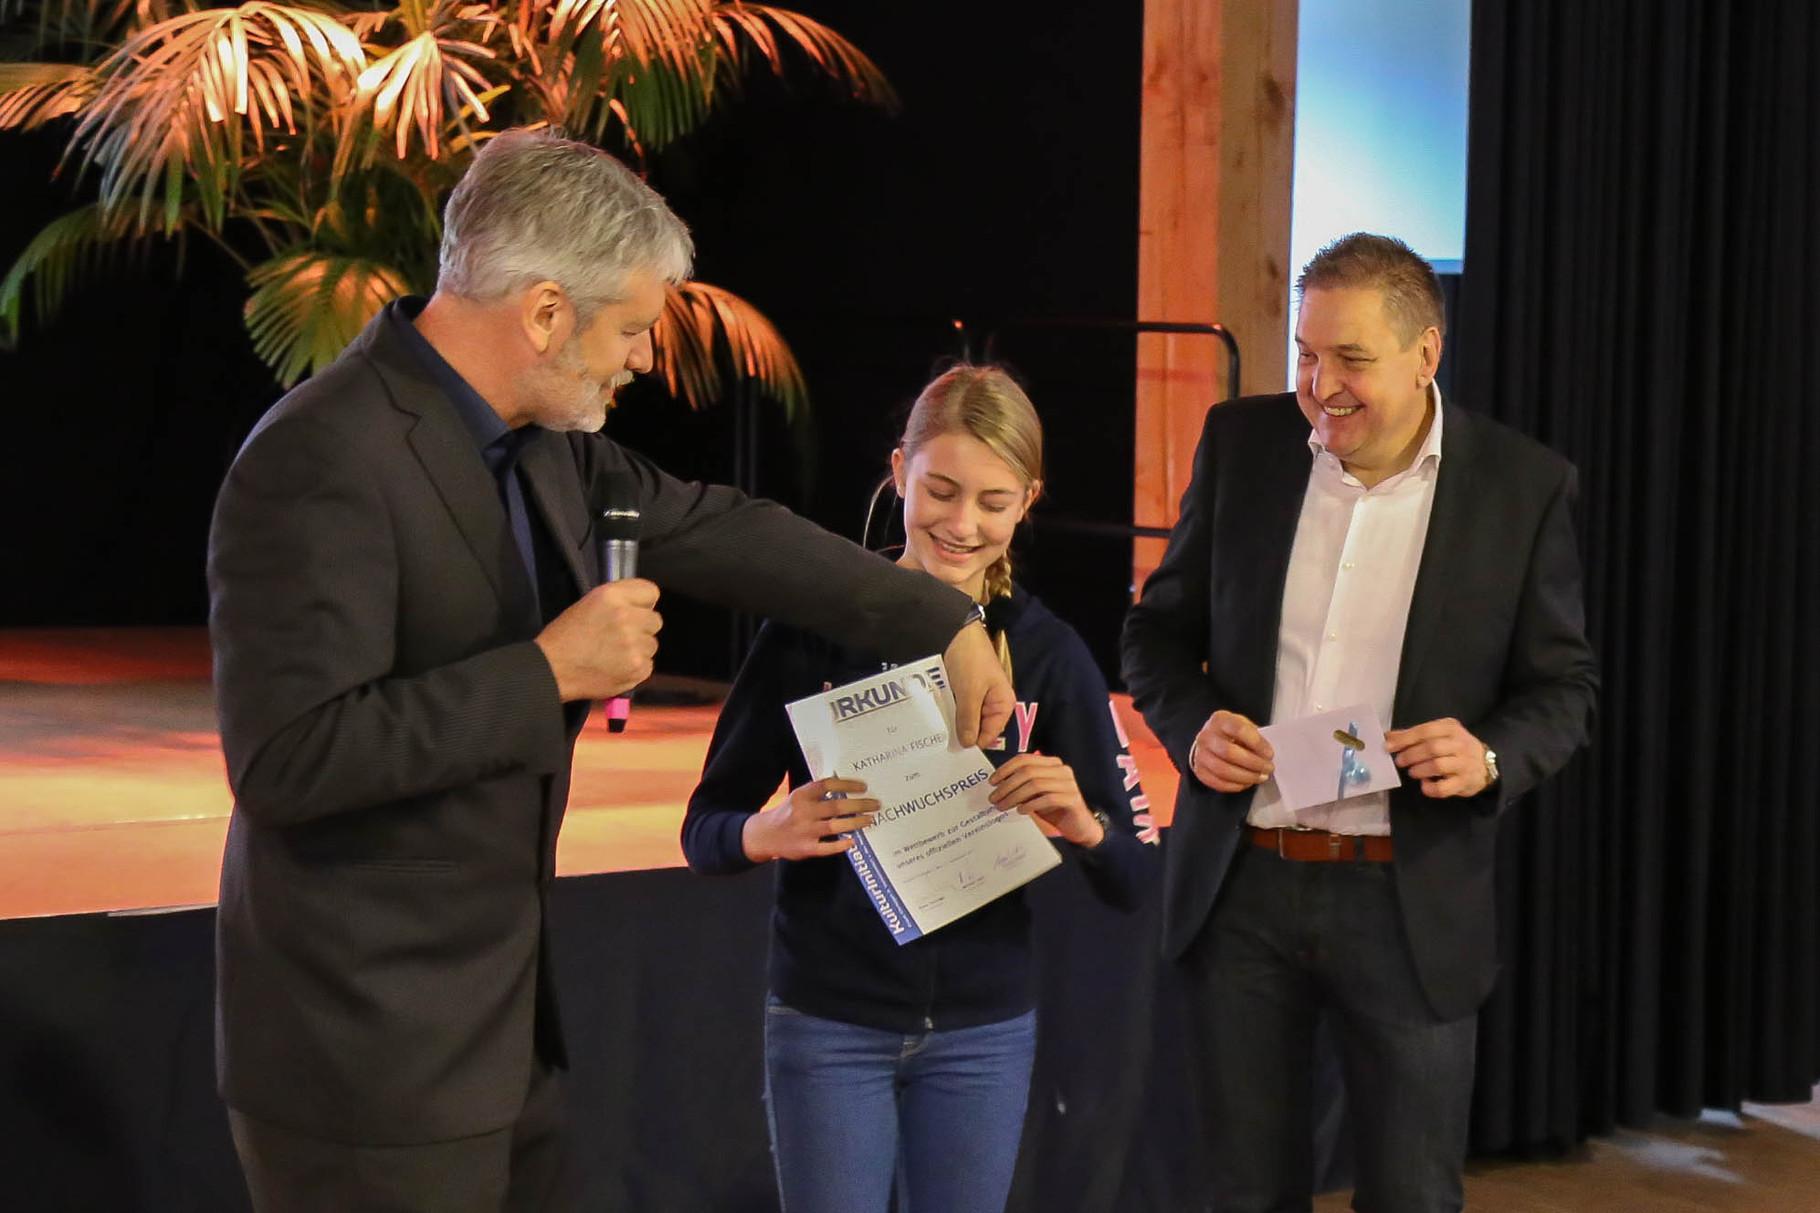 Preisverleihung anl. des KIWi-Logo-Wettbewerbes von links: Frank Christgen (1. Vorsitzender KIWi), Katharina Fischer (Nachwuchspreis), BM Hans Christian Lehmann, Foto: Thomas Weber